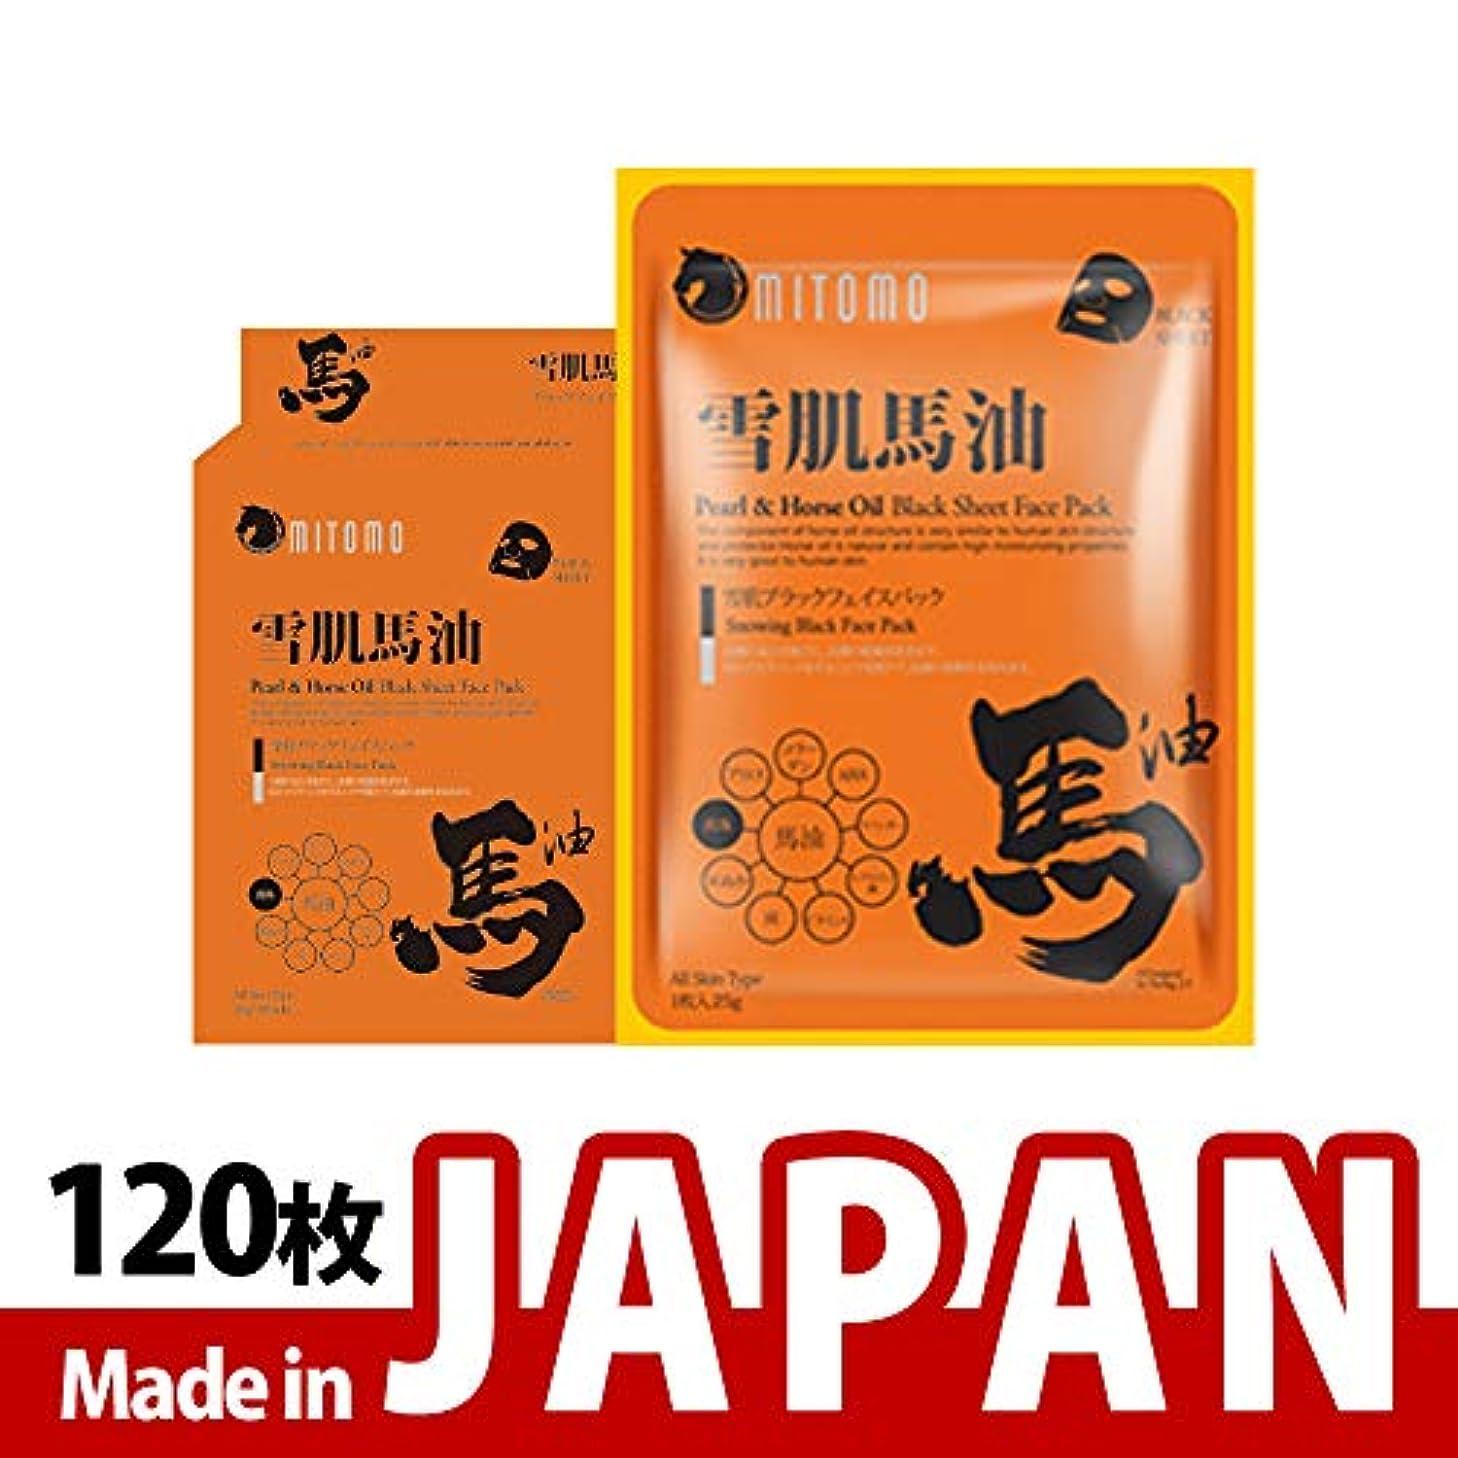 従者カバレッジ落胆したMITOMO【MC740-A-1】日本製シートマスク/6枚入り/120枚/美容液/マスクパック/送料無料